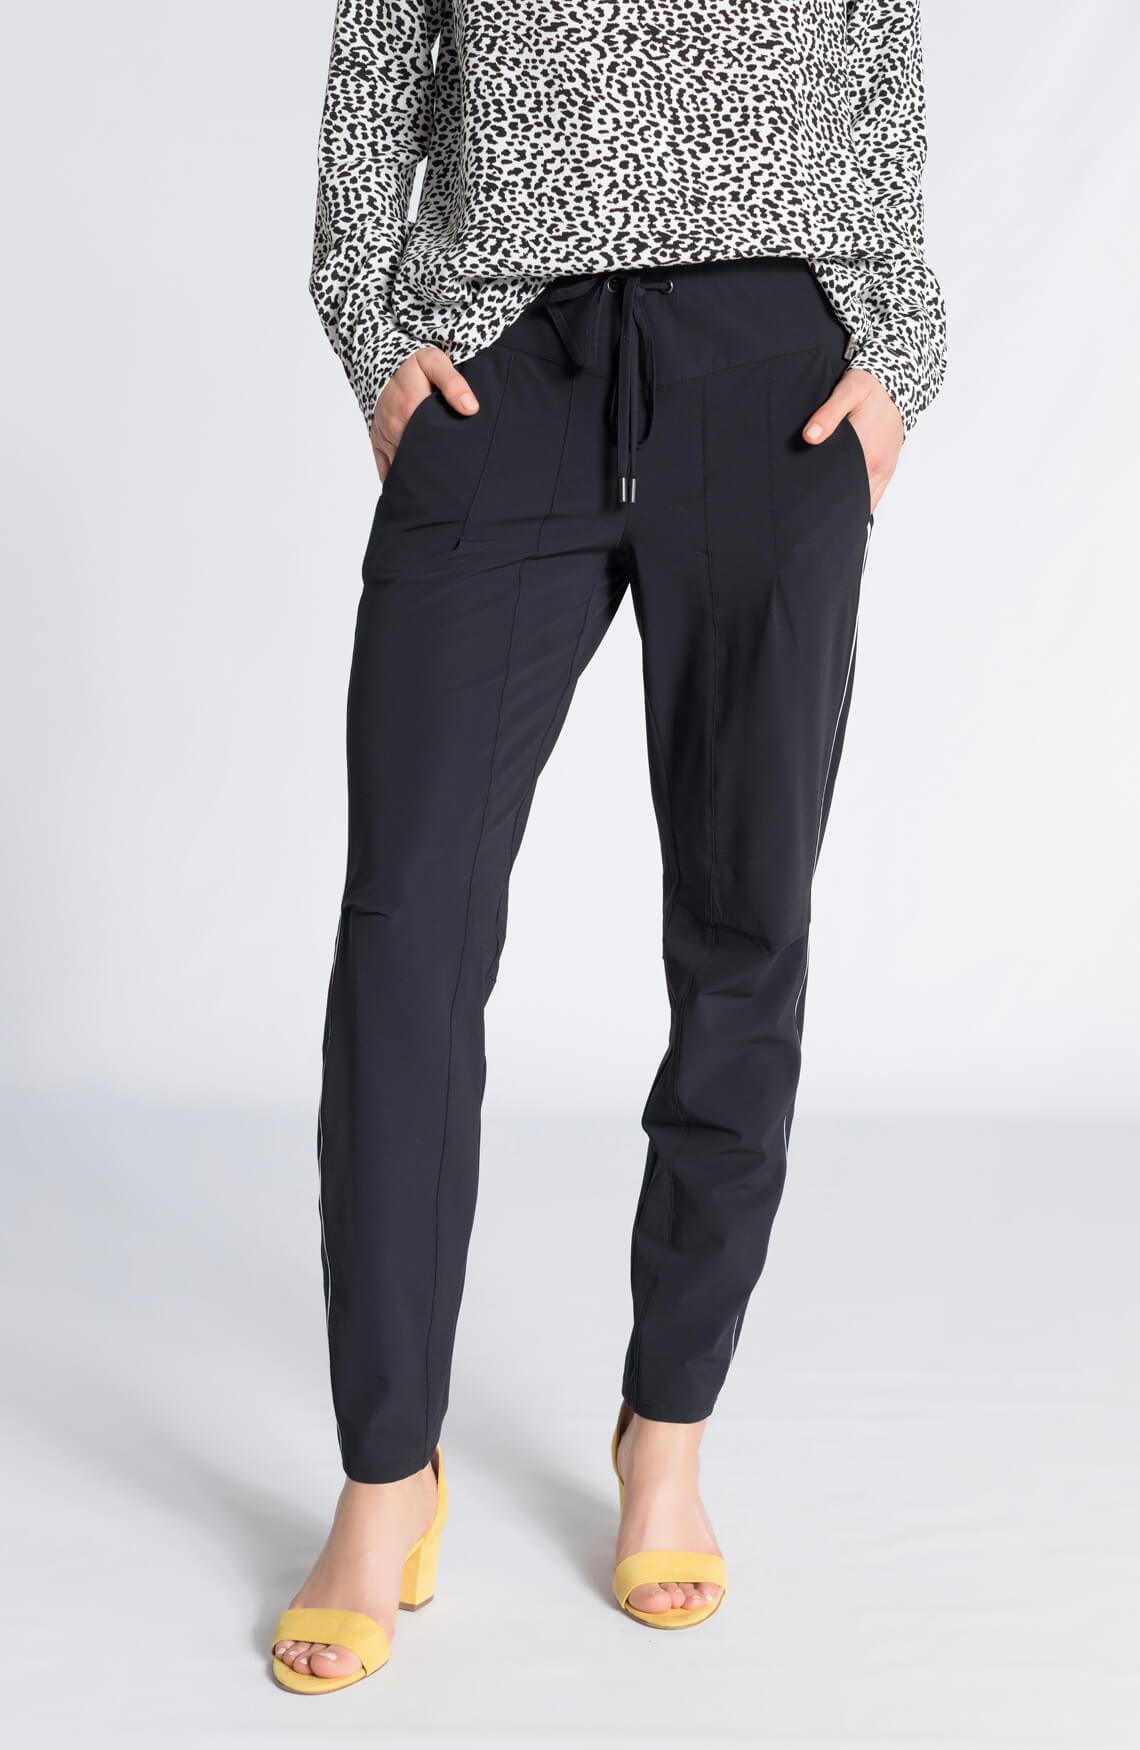 Cambio Dames Jil sportieve pantalon zwart